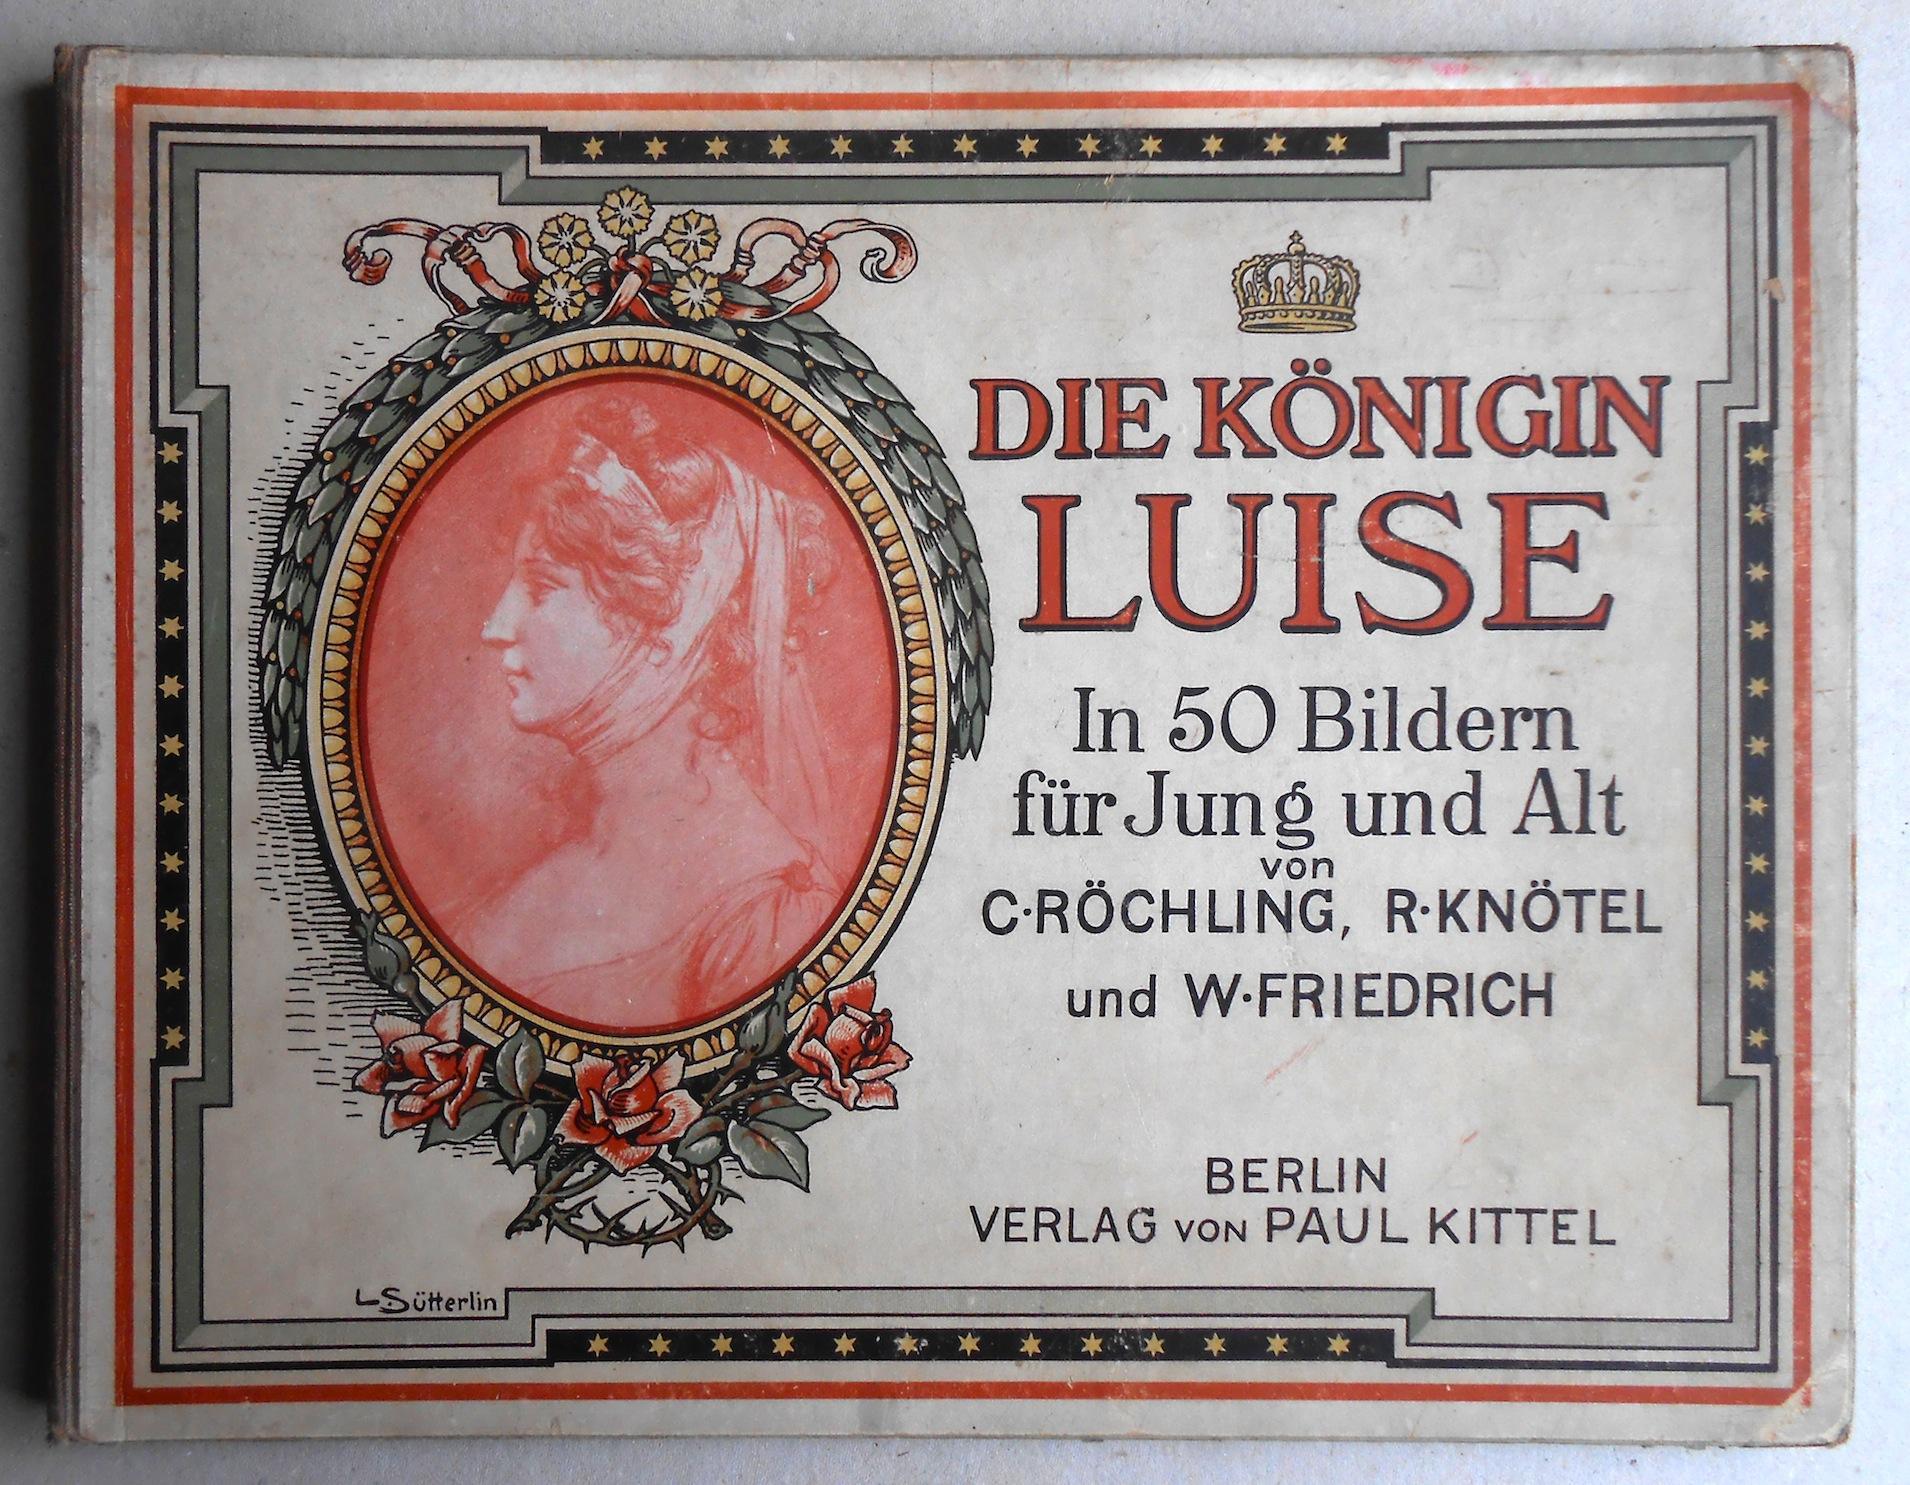 Die Königin Luise. In 50 Bildern für: Röchling, Carl /